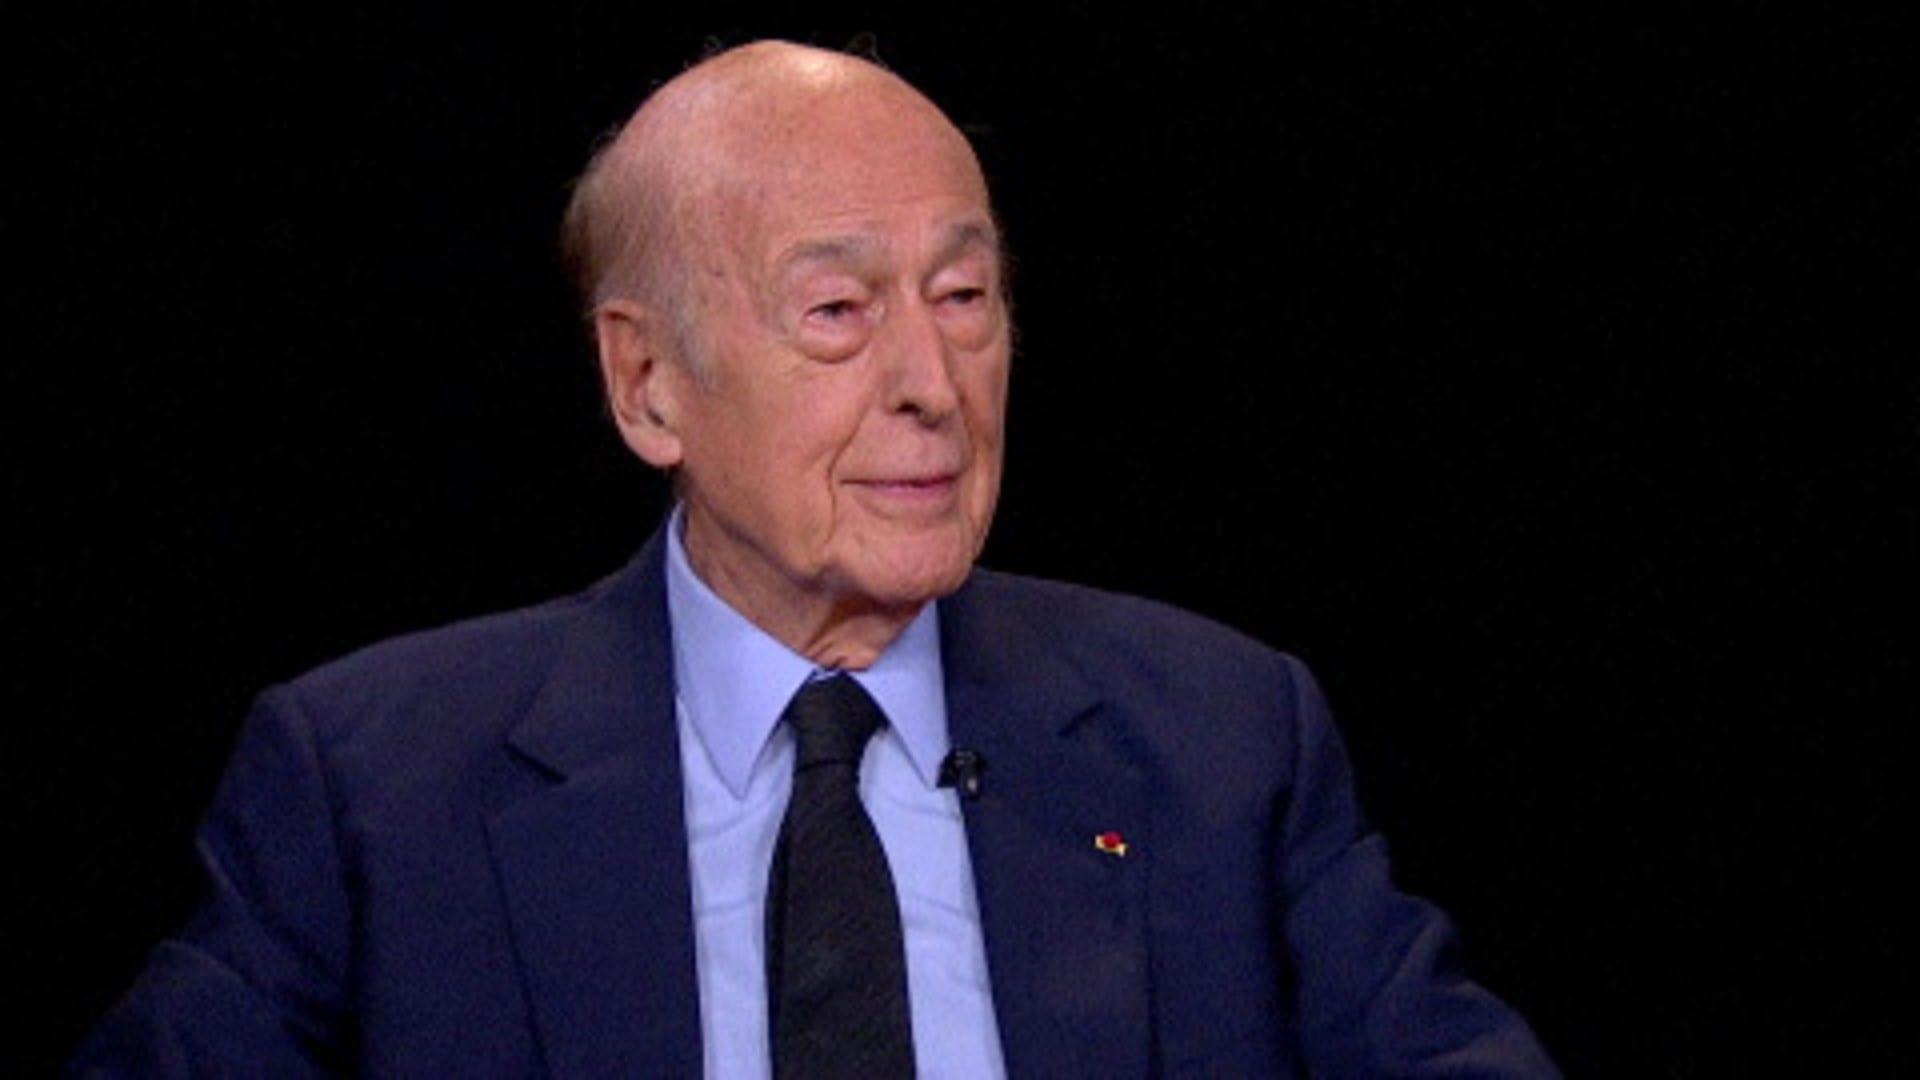 Qui était Valéry Giscard d'Estaing?